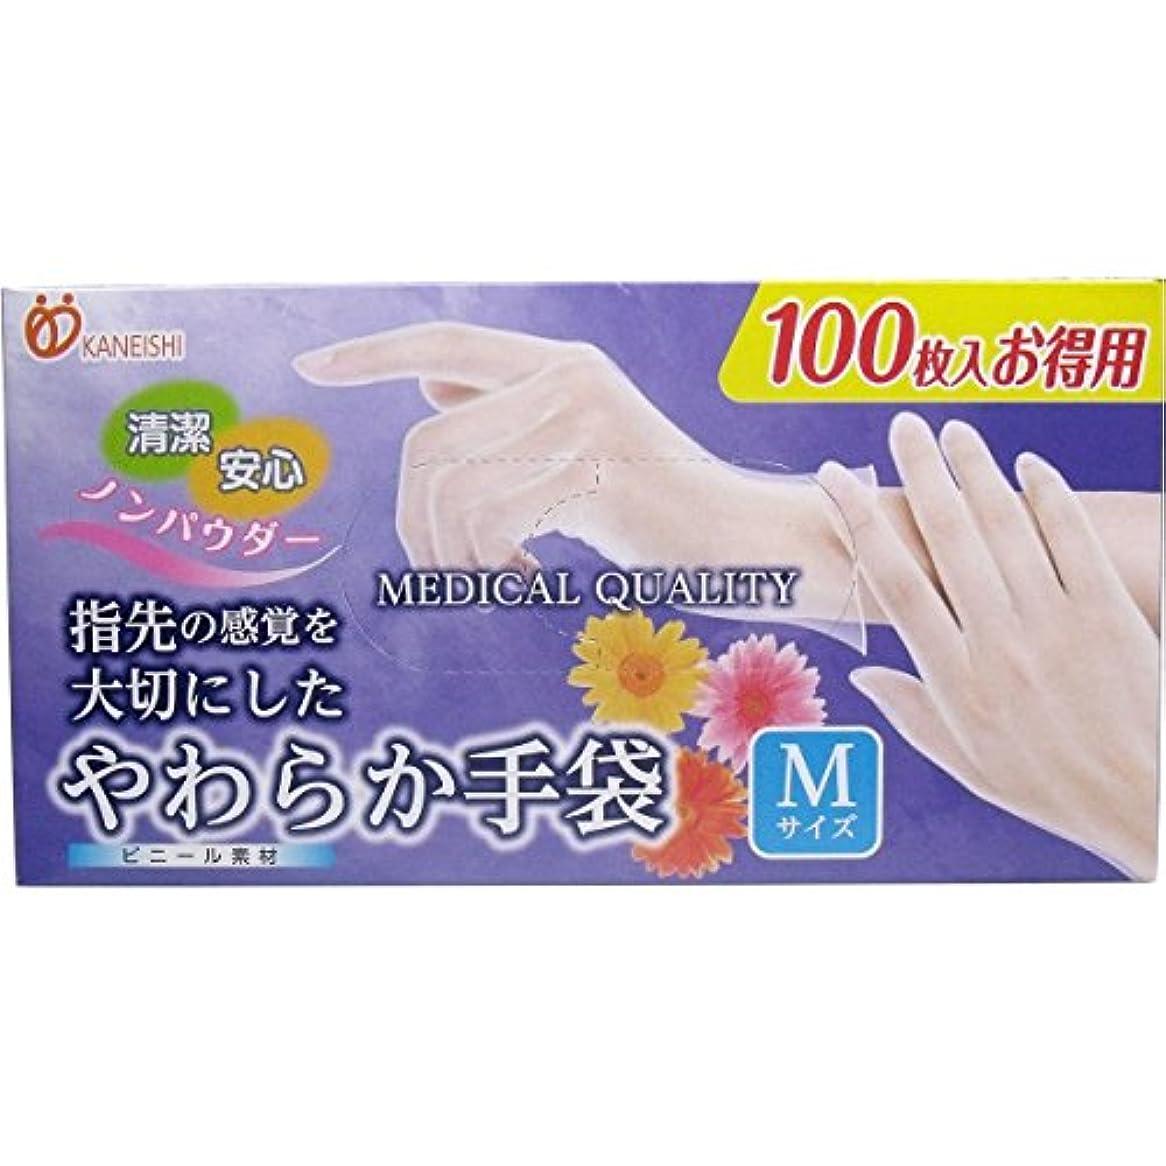 有益思想重要やわらか手袋 ビニール素材 Mサイズ 100枚入x10